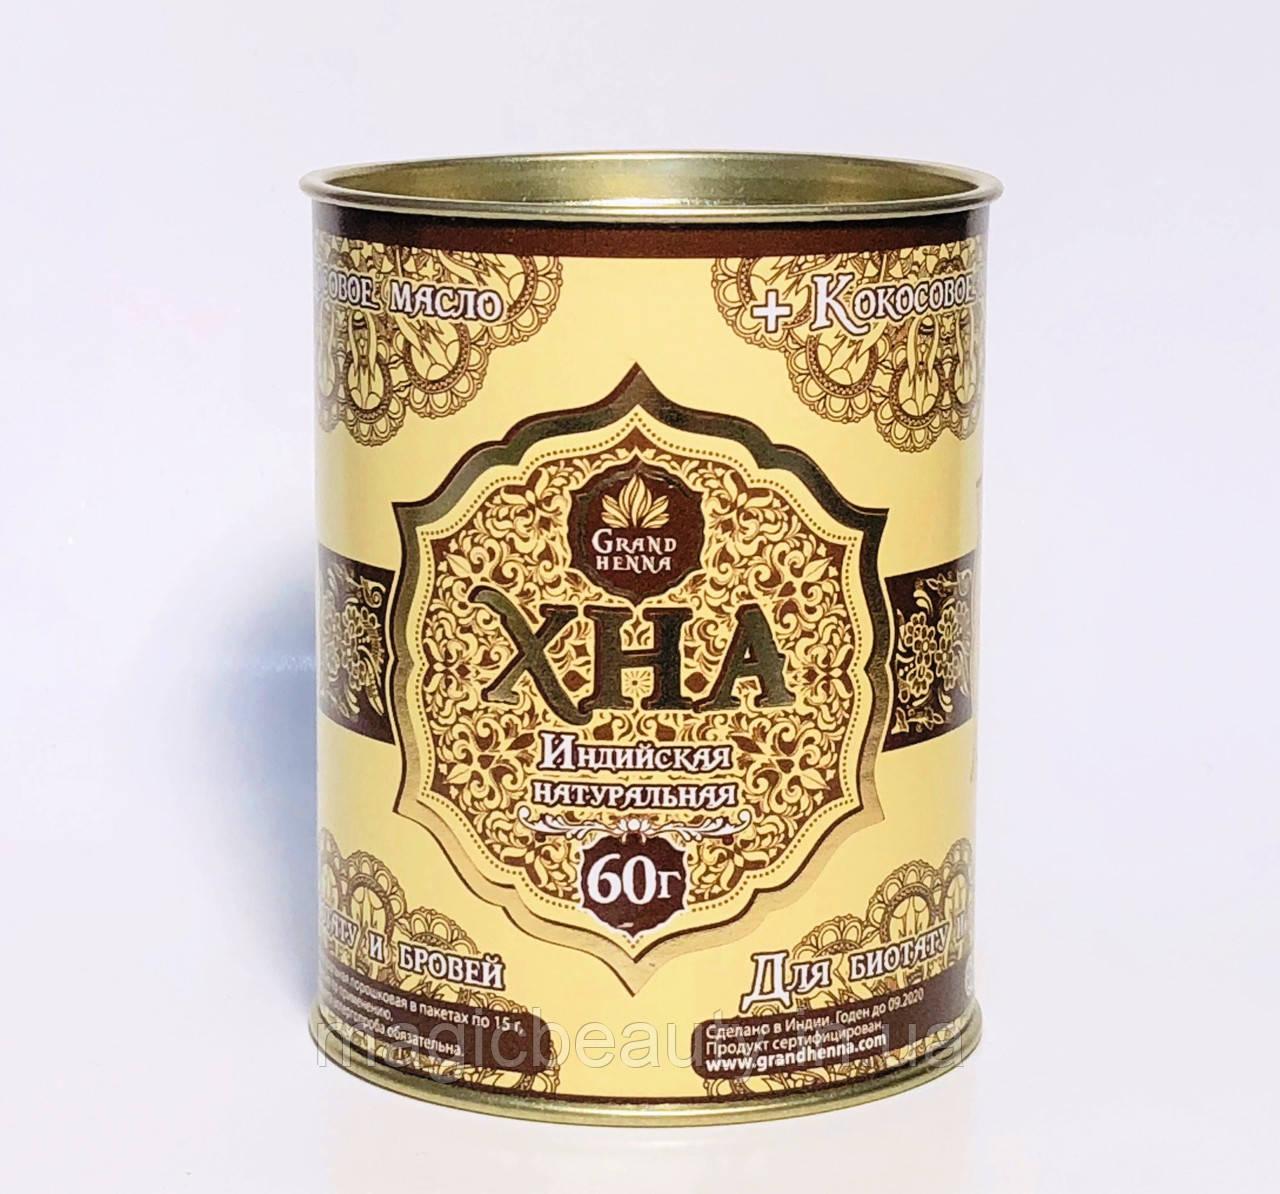 Хна для бровей и биотату VIVA Henna коричневая, 60 гр